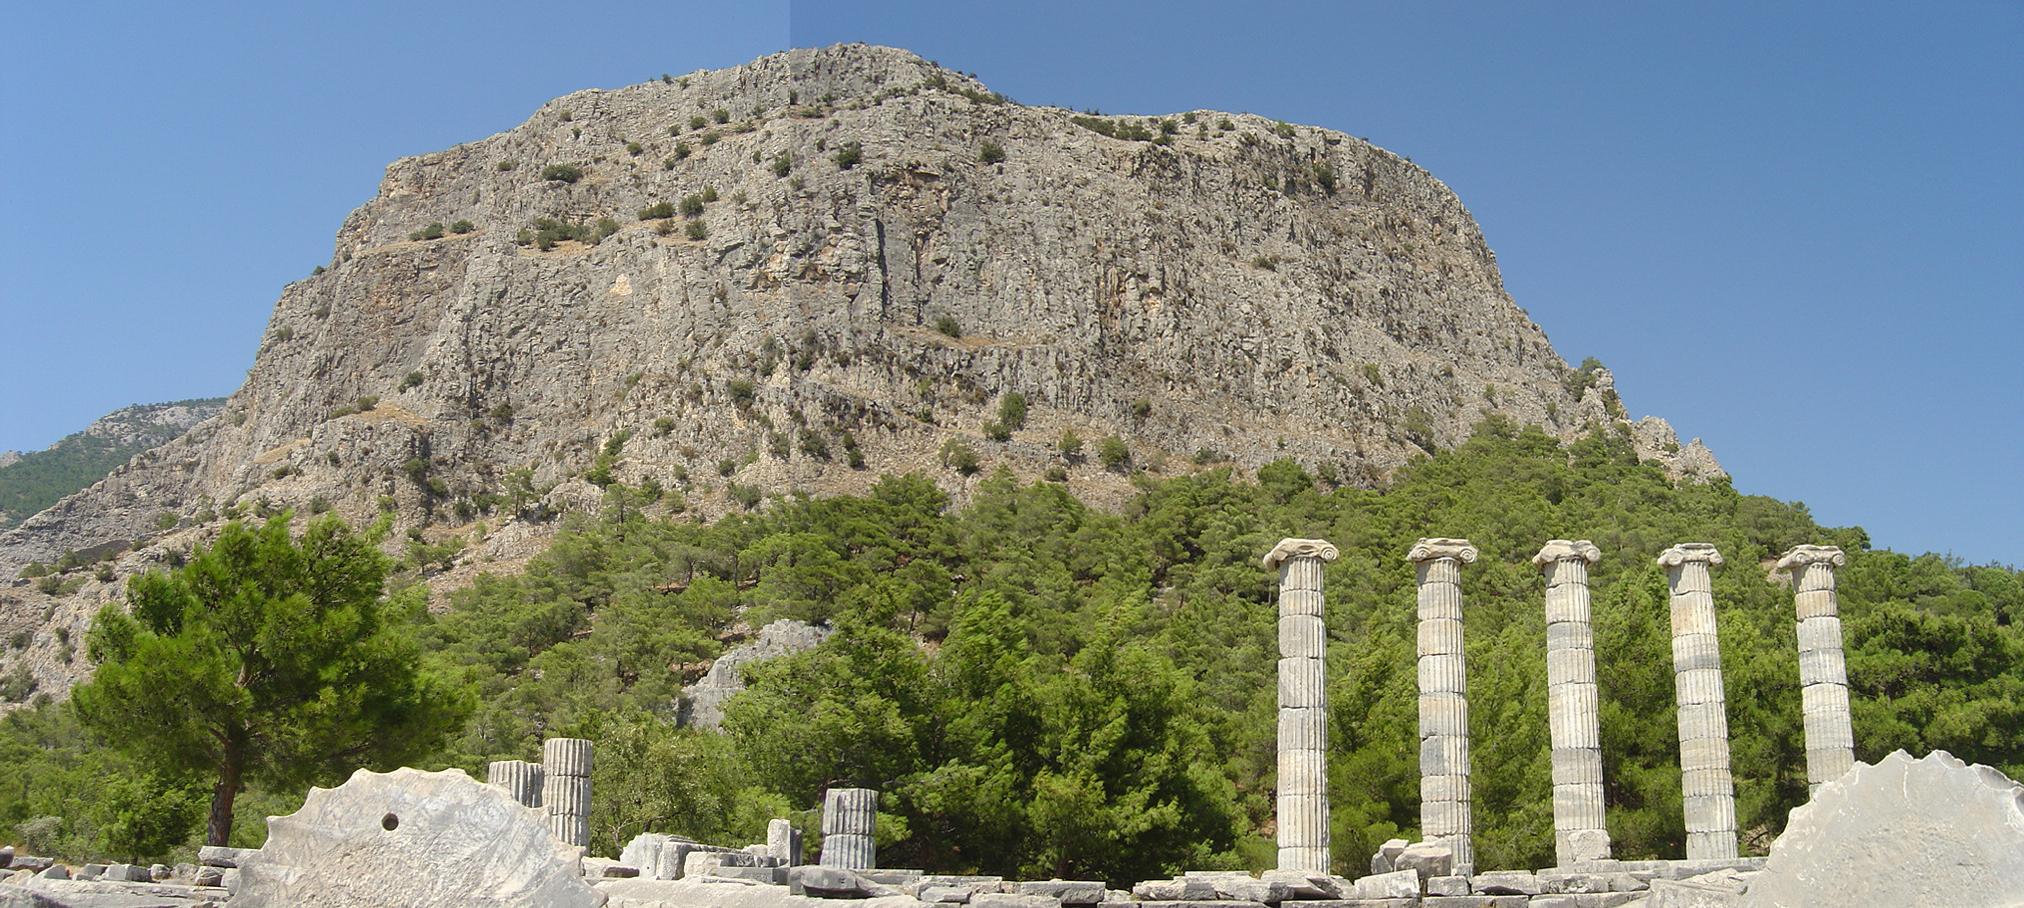 File:Priene colline colonne.jpg - Wikimedia Commons